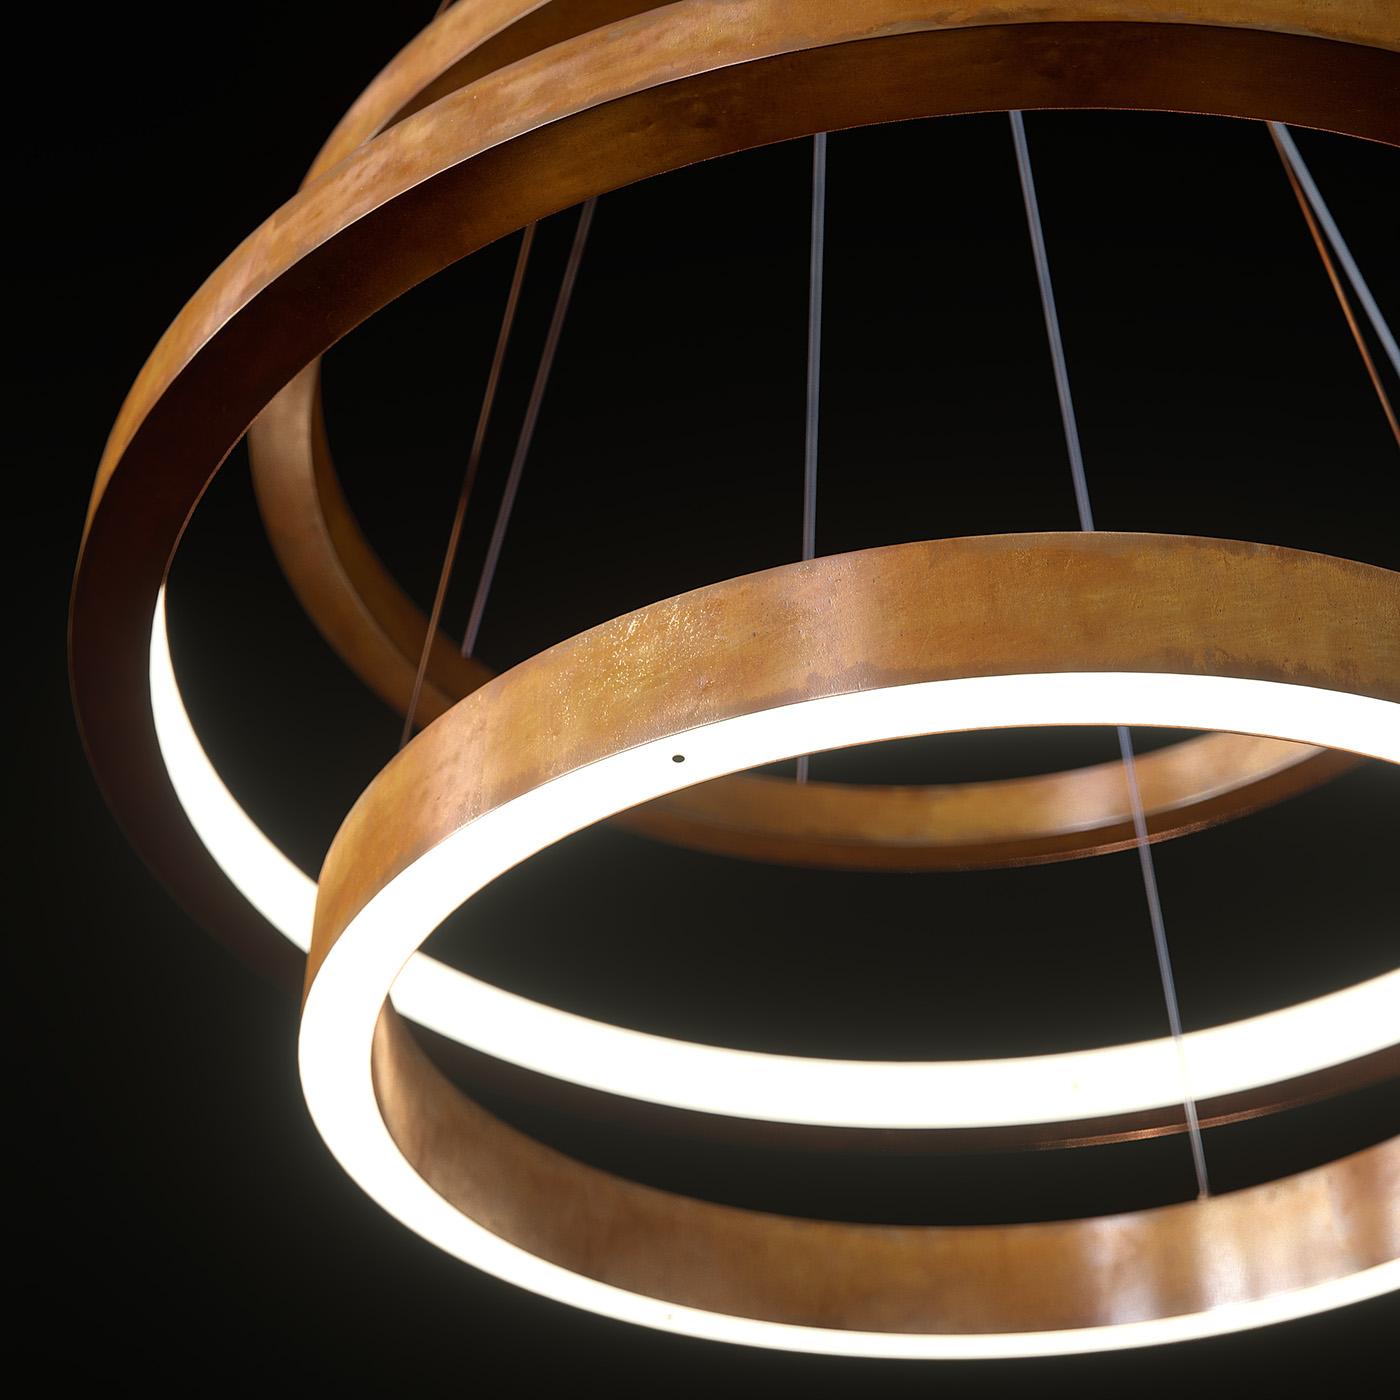 [3D modeling] Henge_light ring horizontal SET 3&4 on Behance